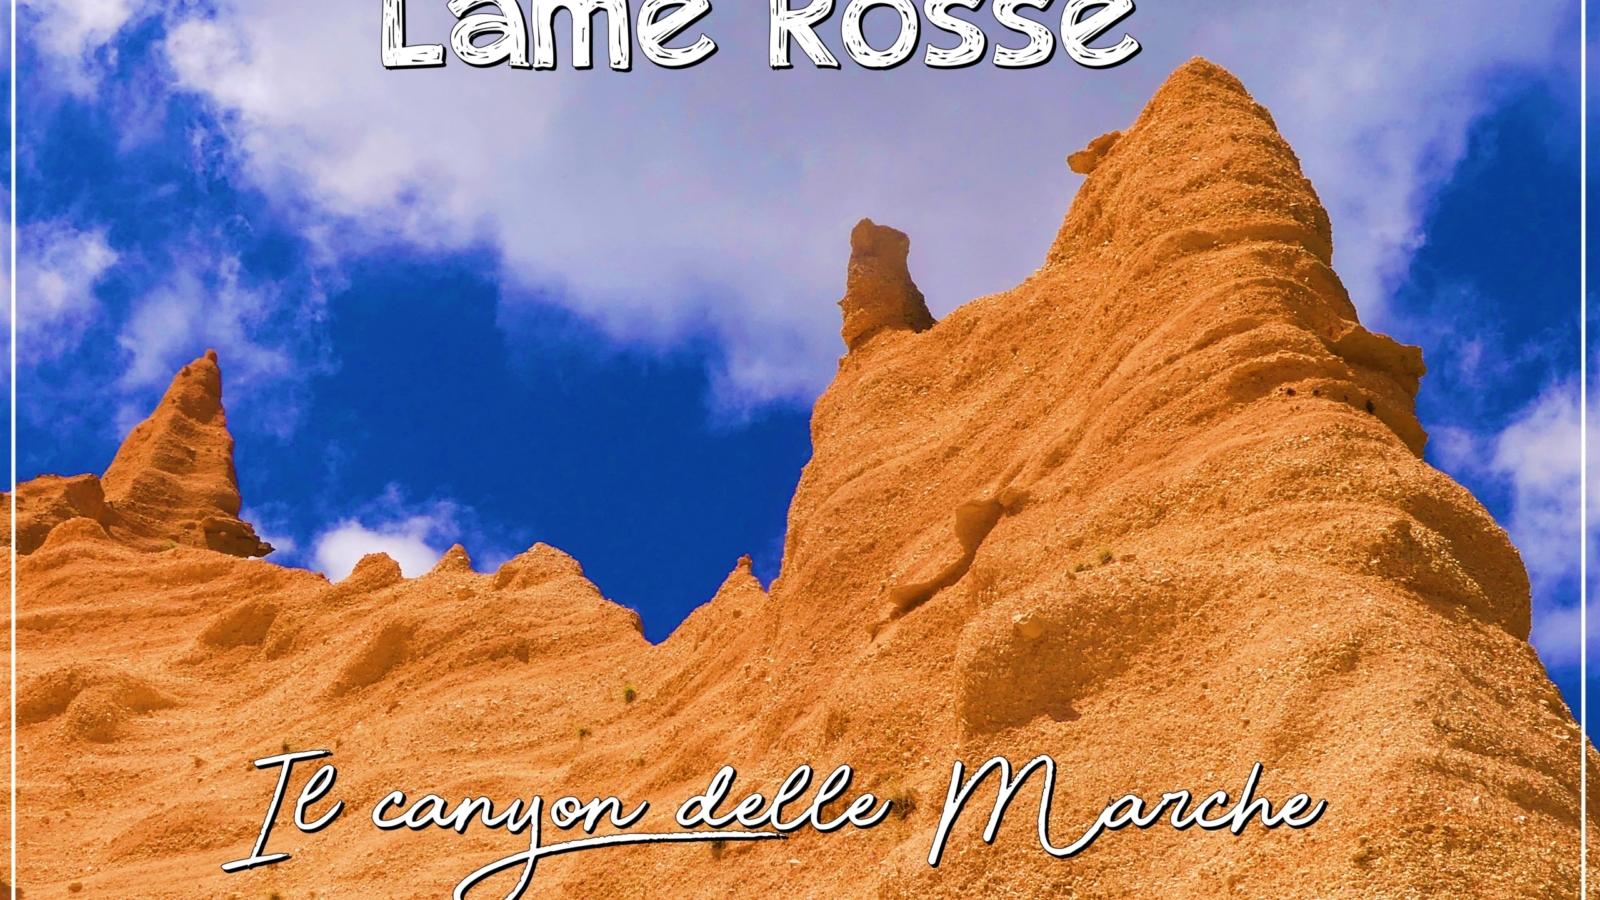 Lame Rosse di Fiastra, il canyon delle Marche